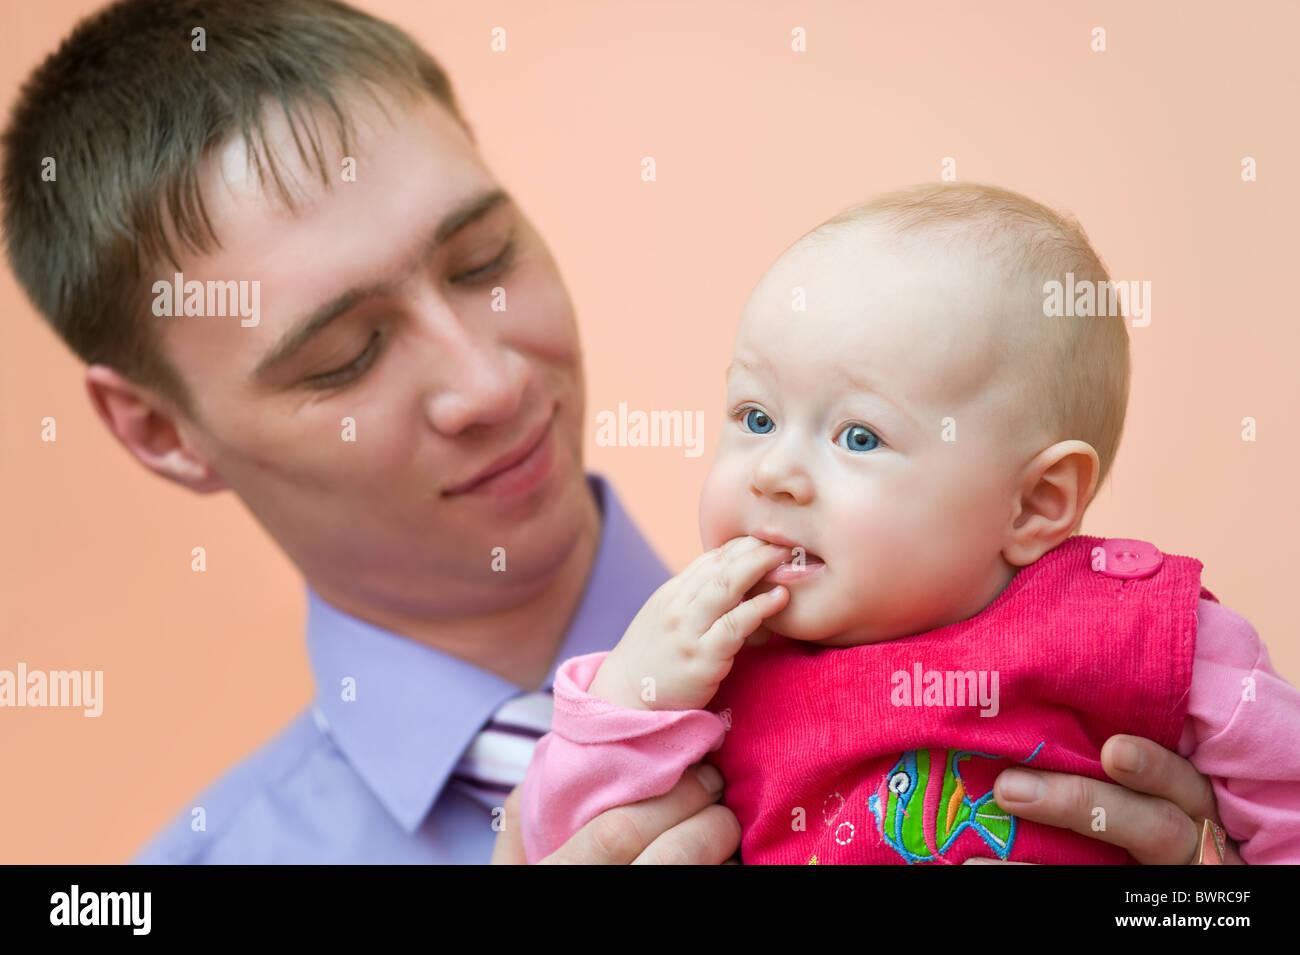 Europäische junger Mann schaut liebevoll seine kleine Tochter, die ihre Finger in den Mund nahm Stockfoto